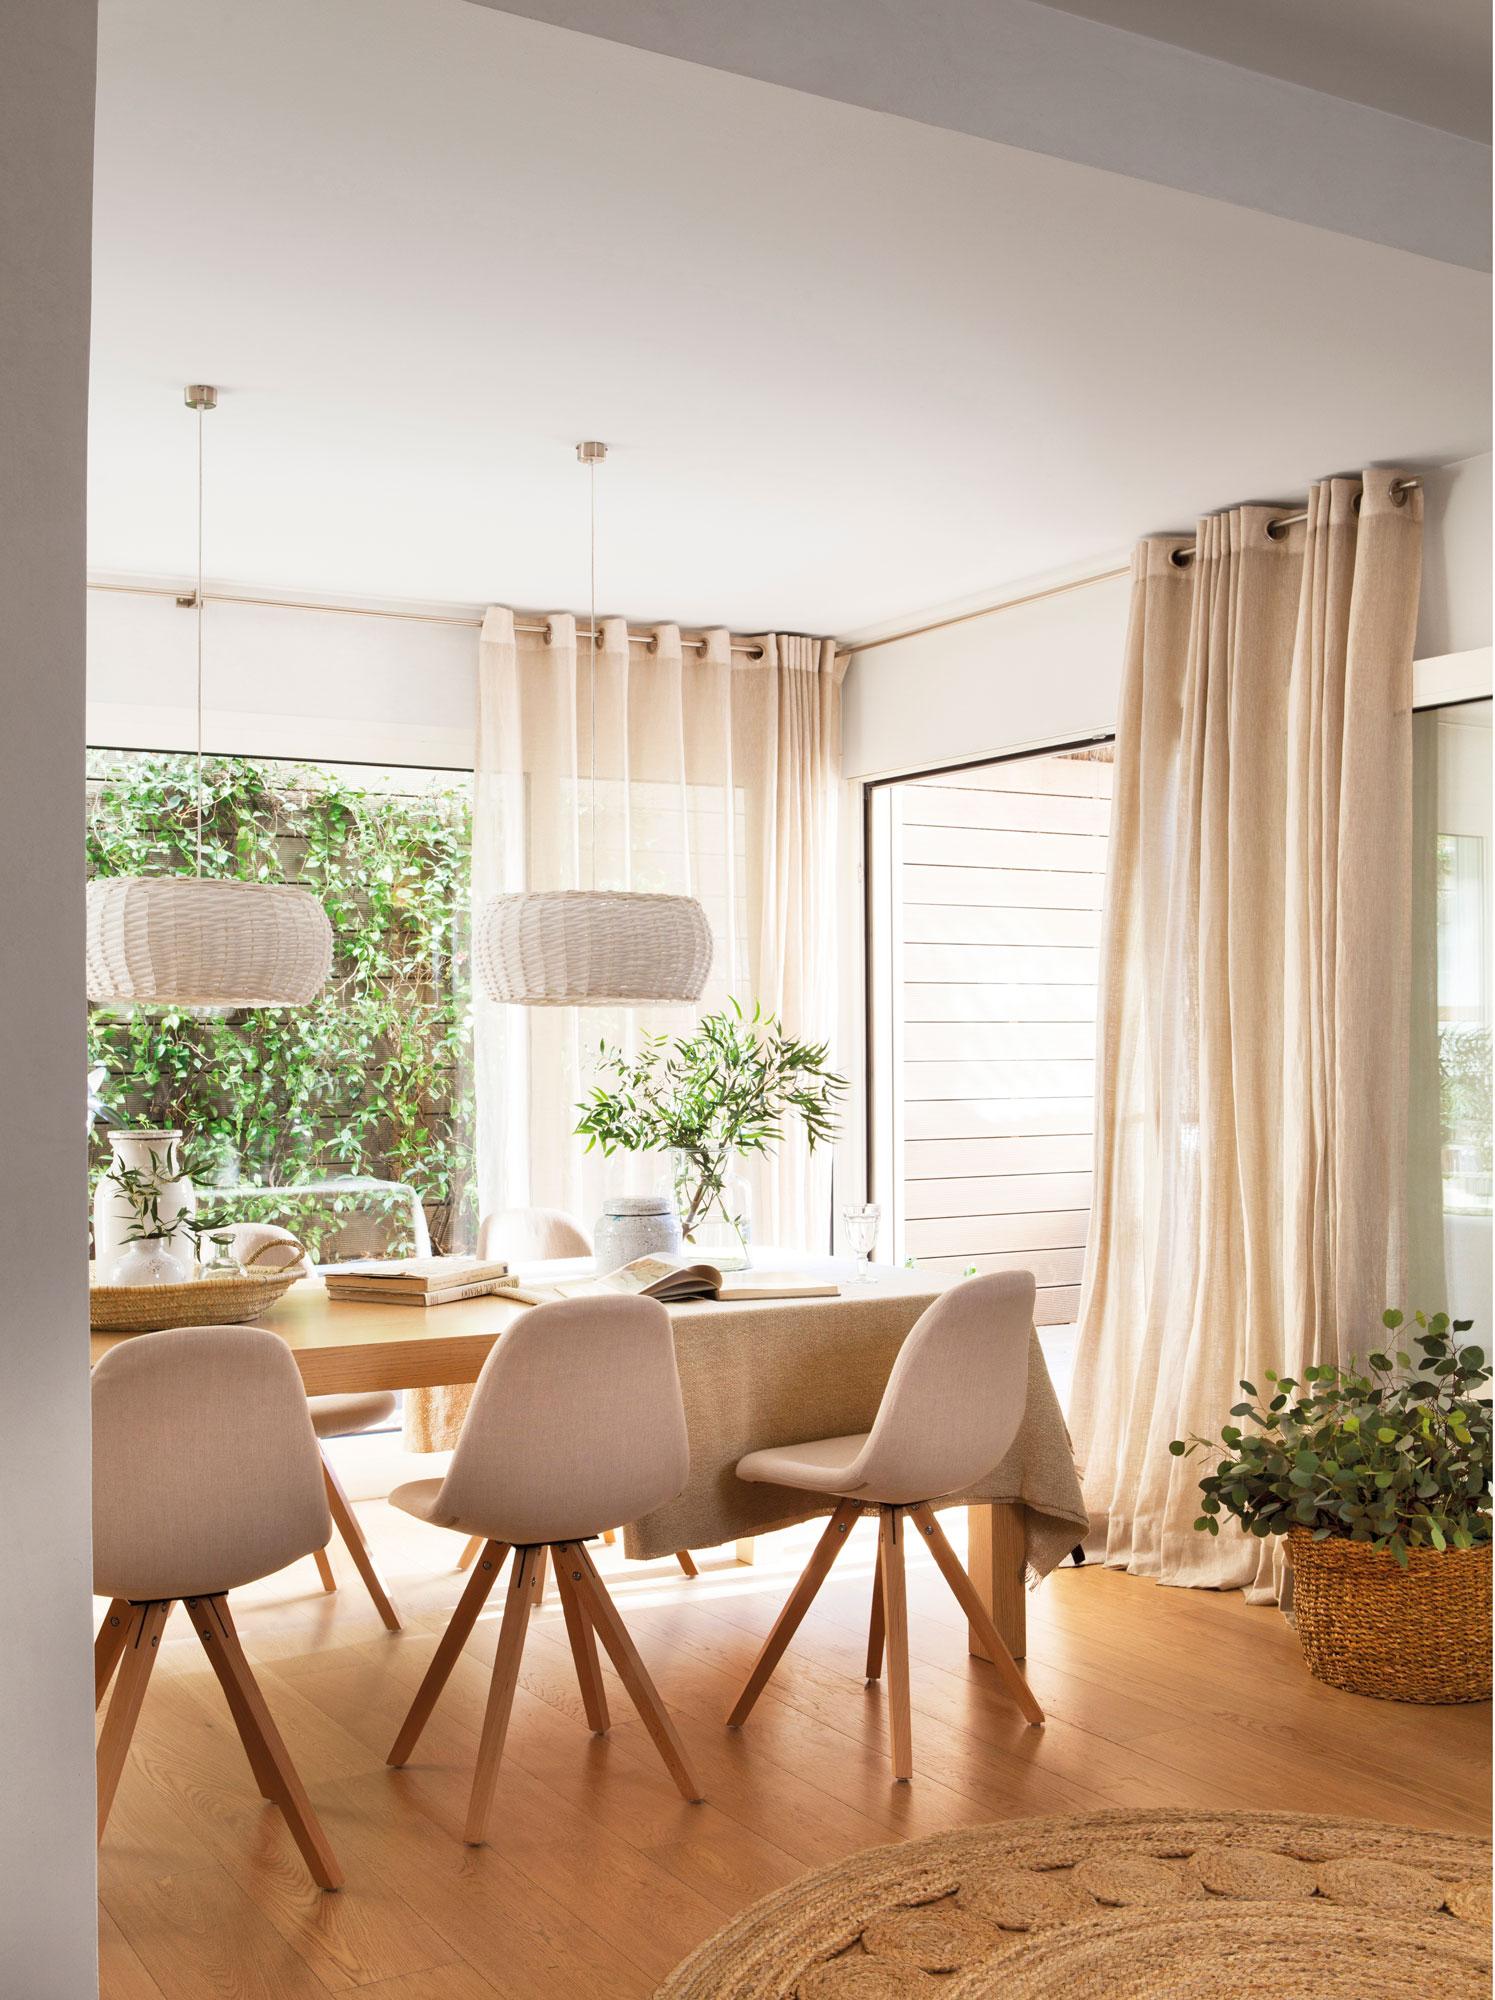 Maisons du monde cortinas perfect monochrome boca do lobo - Cortinas comedor ikea ...